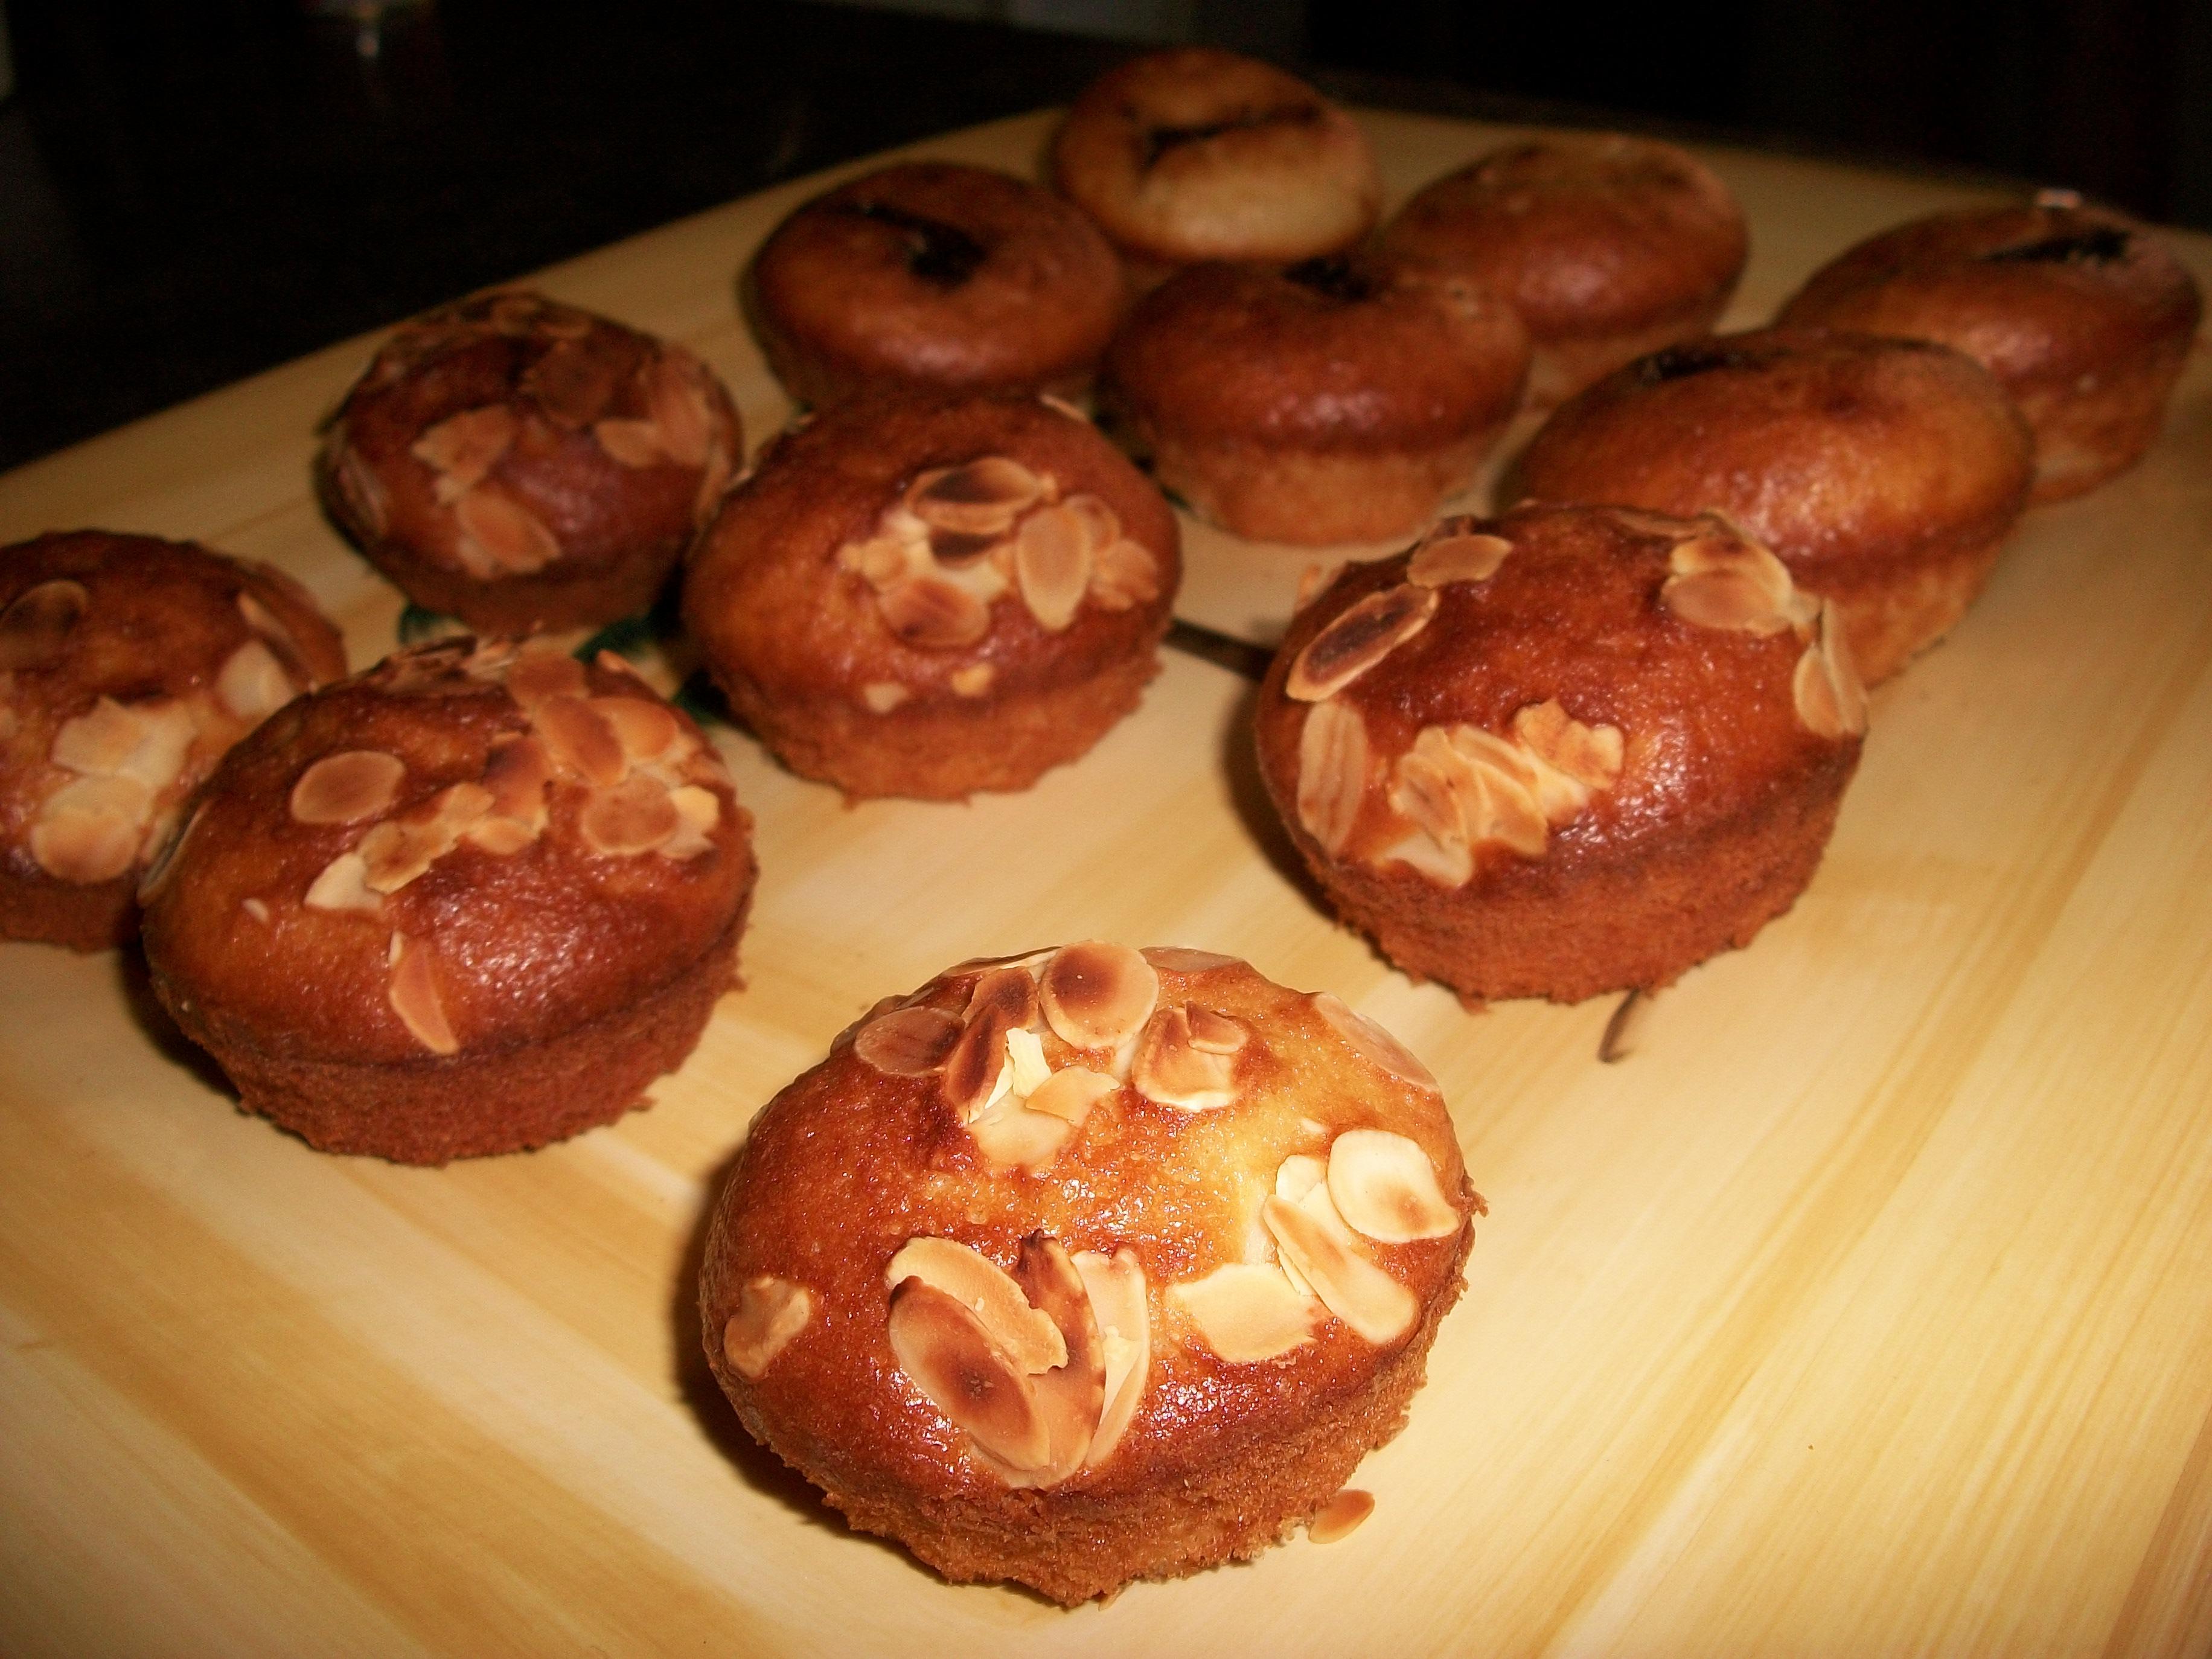 Muffins à la noix de coco et vanille